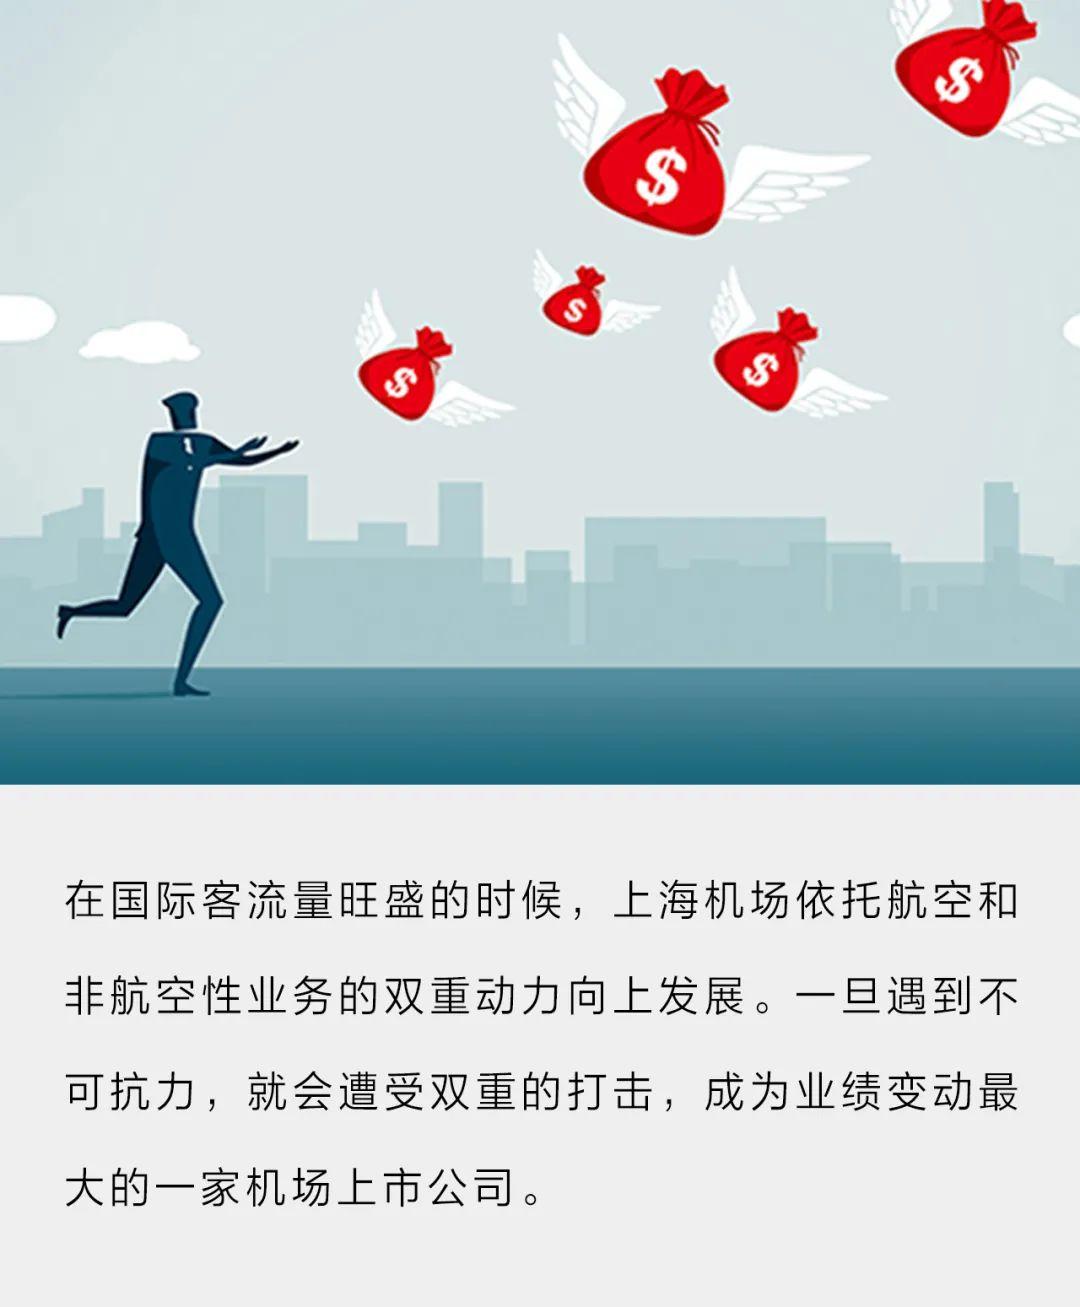 380億,從上海機場飛走了